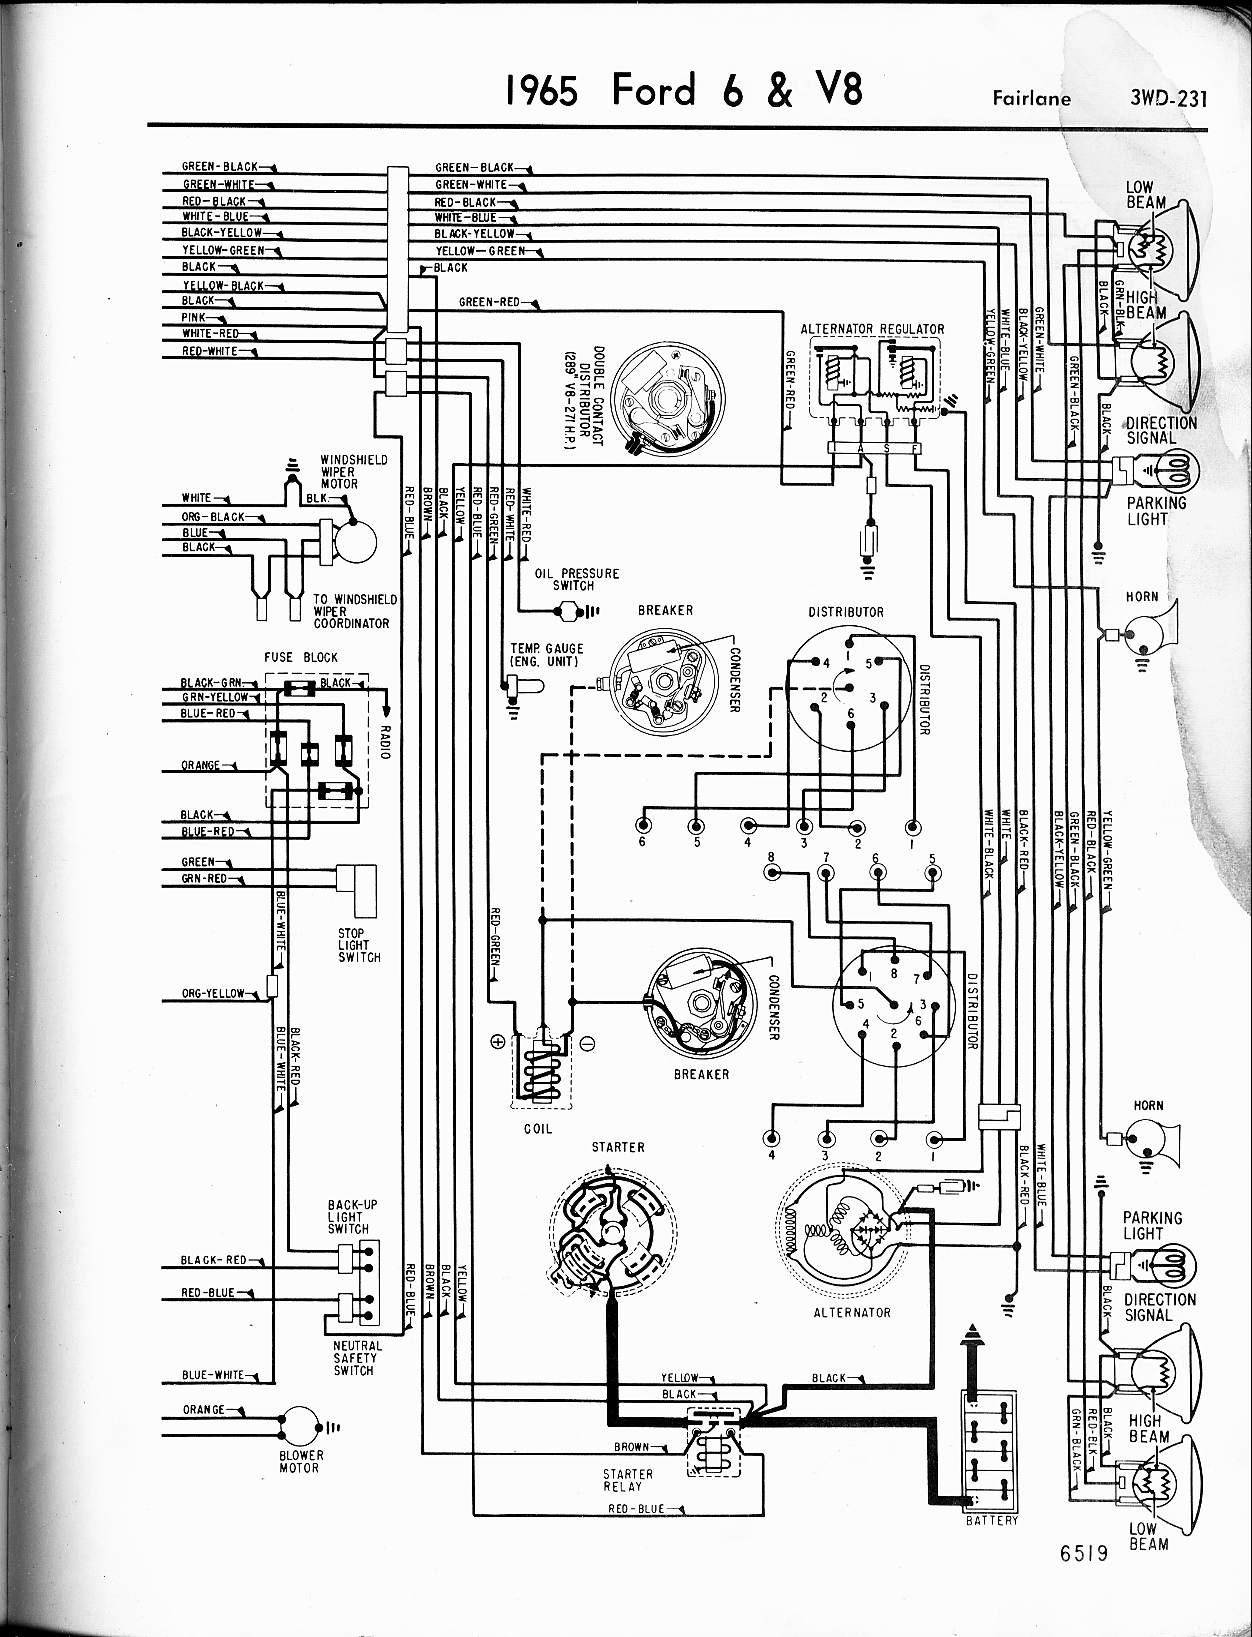 CV_7626] 1964 Mustang Wiring Diagram For Headlights Free DiagramCran Benkeme Mohammedshrine Librar Wiring 101